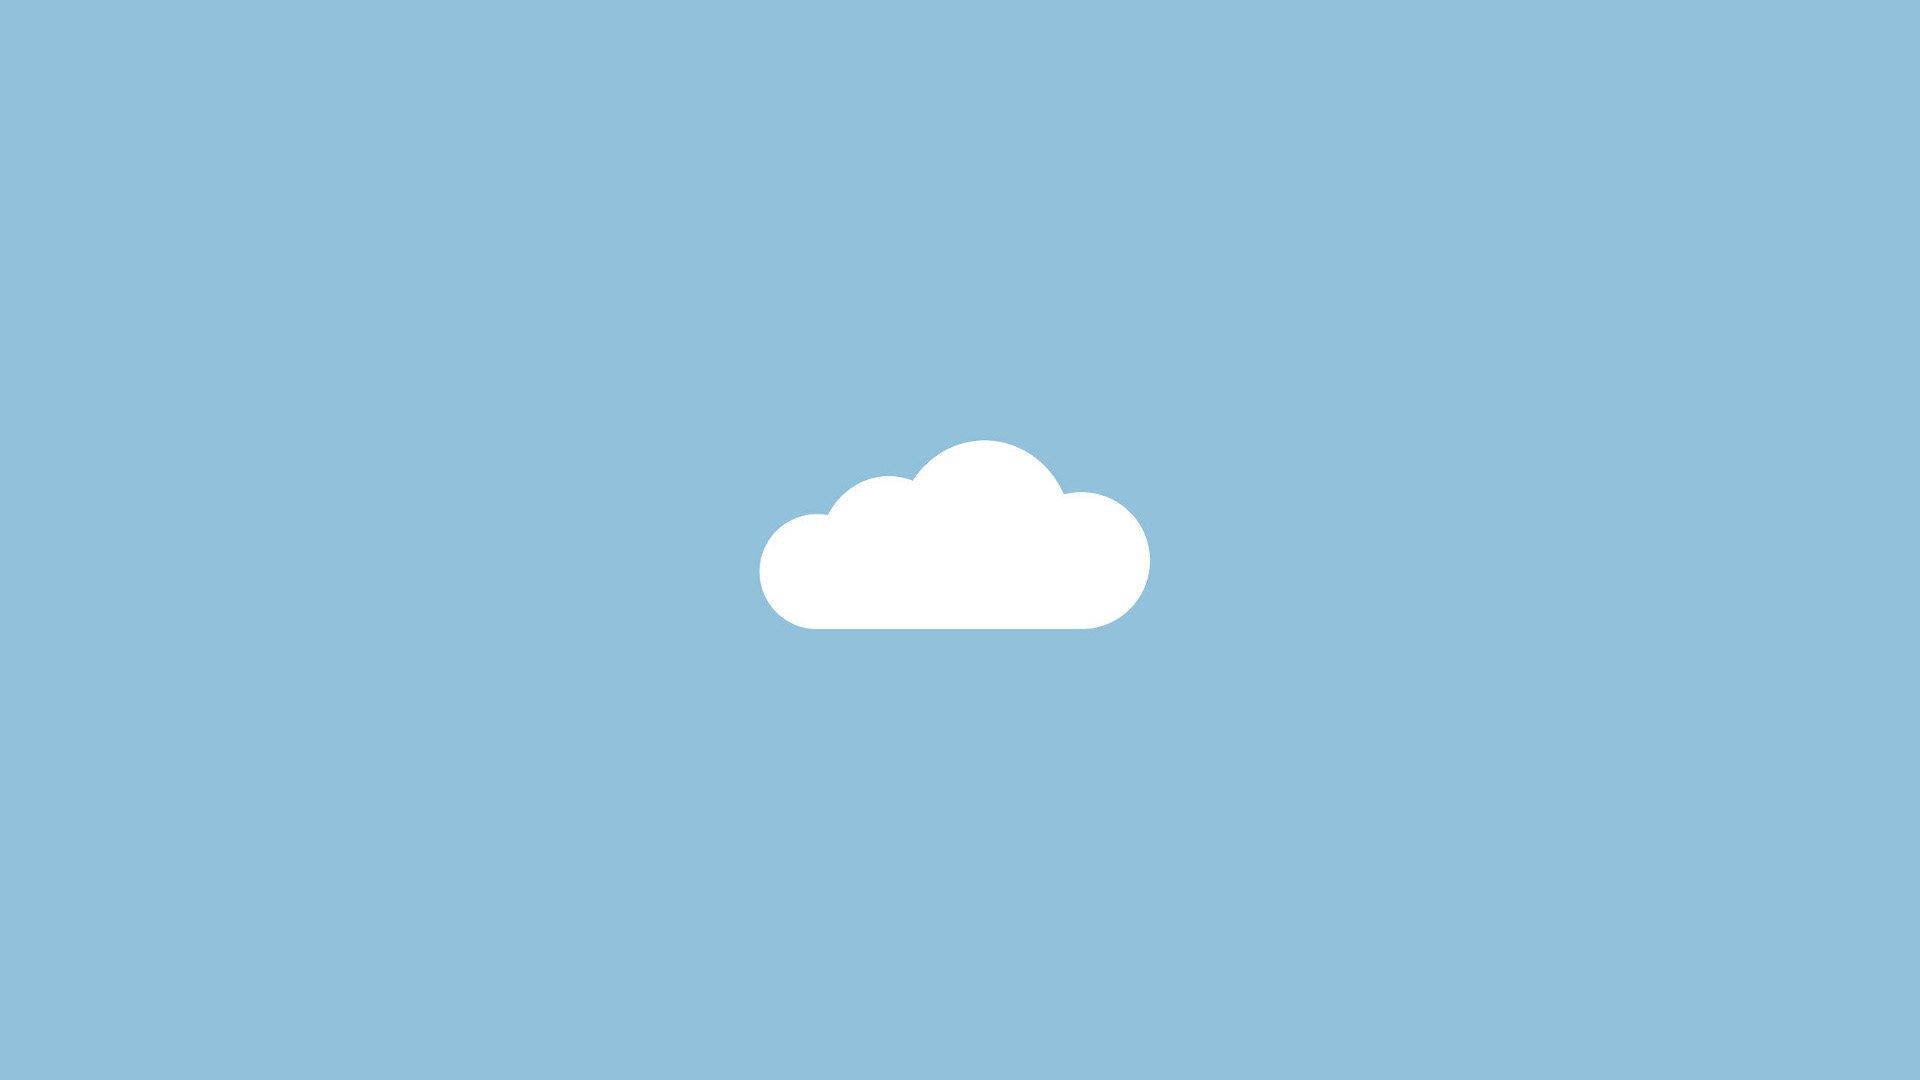 Hình nền đơn giản hình đám mây